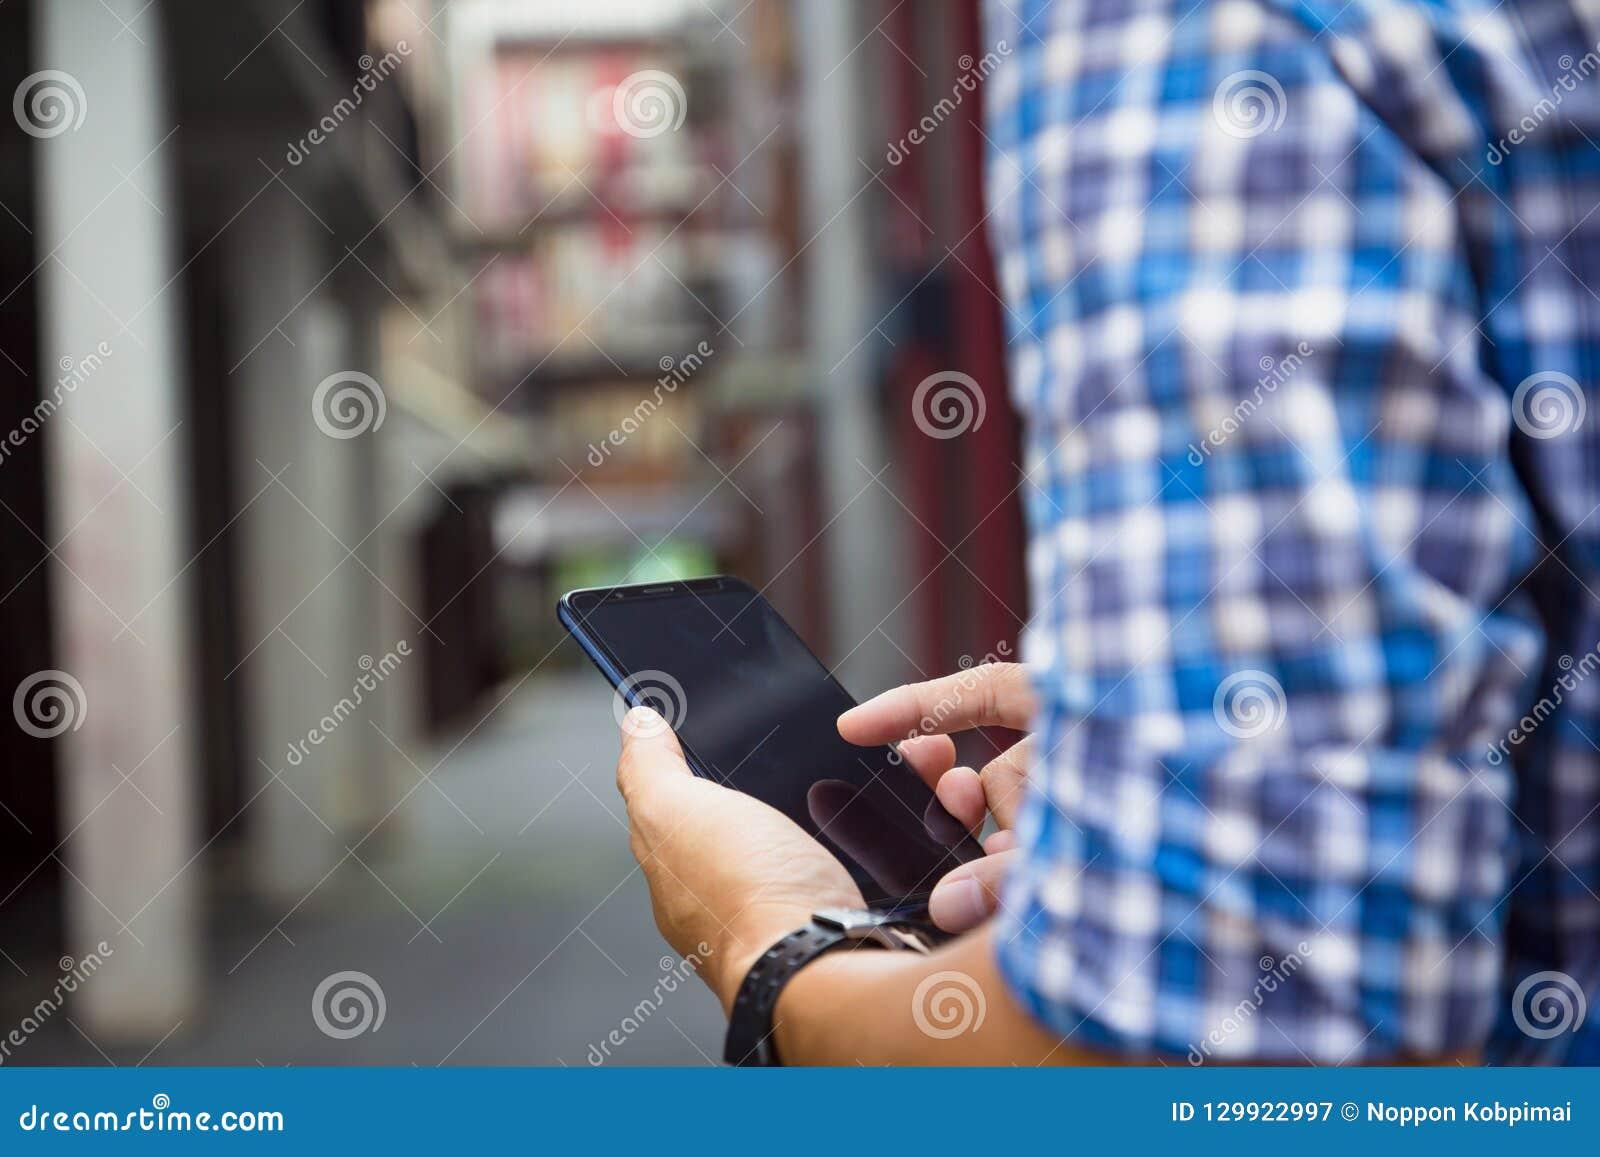 Mann, der an Handy mit leerem blac hält, sich berührt oder arbeitet